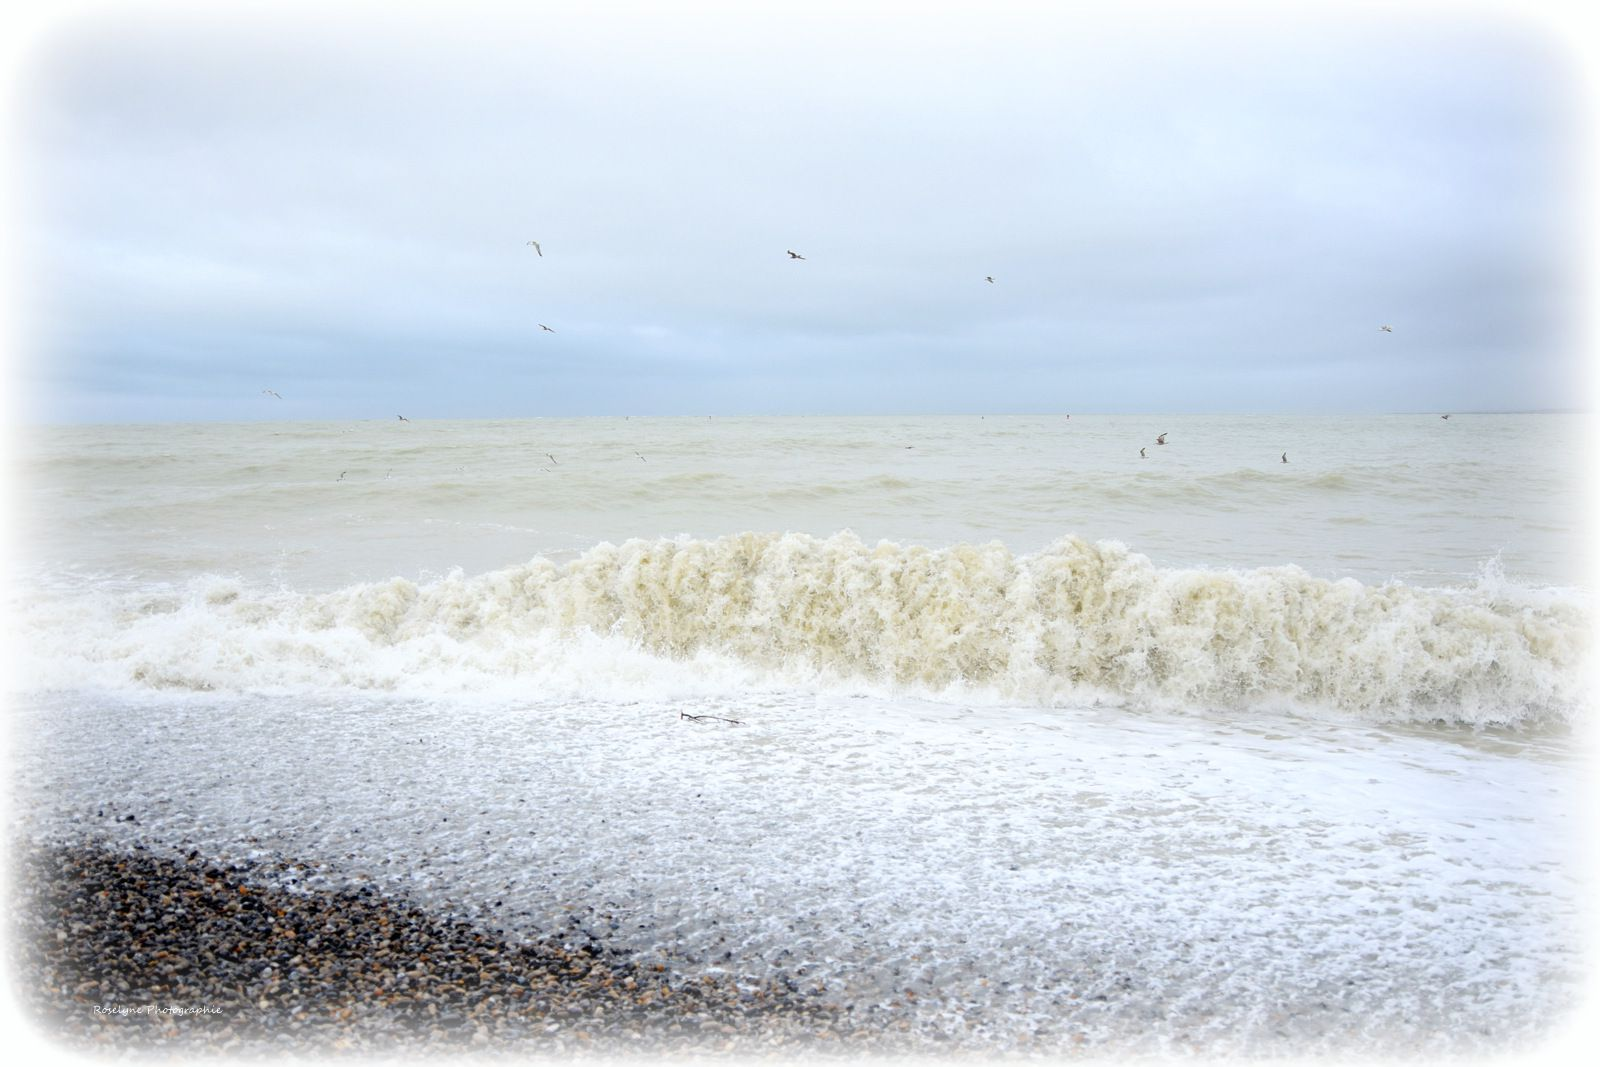 Grande marée à la Pointe du Hourdel 11 Mars 2020